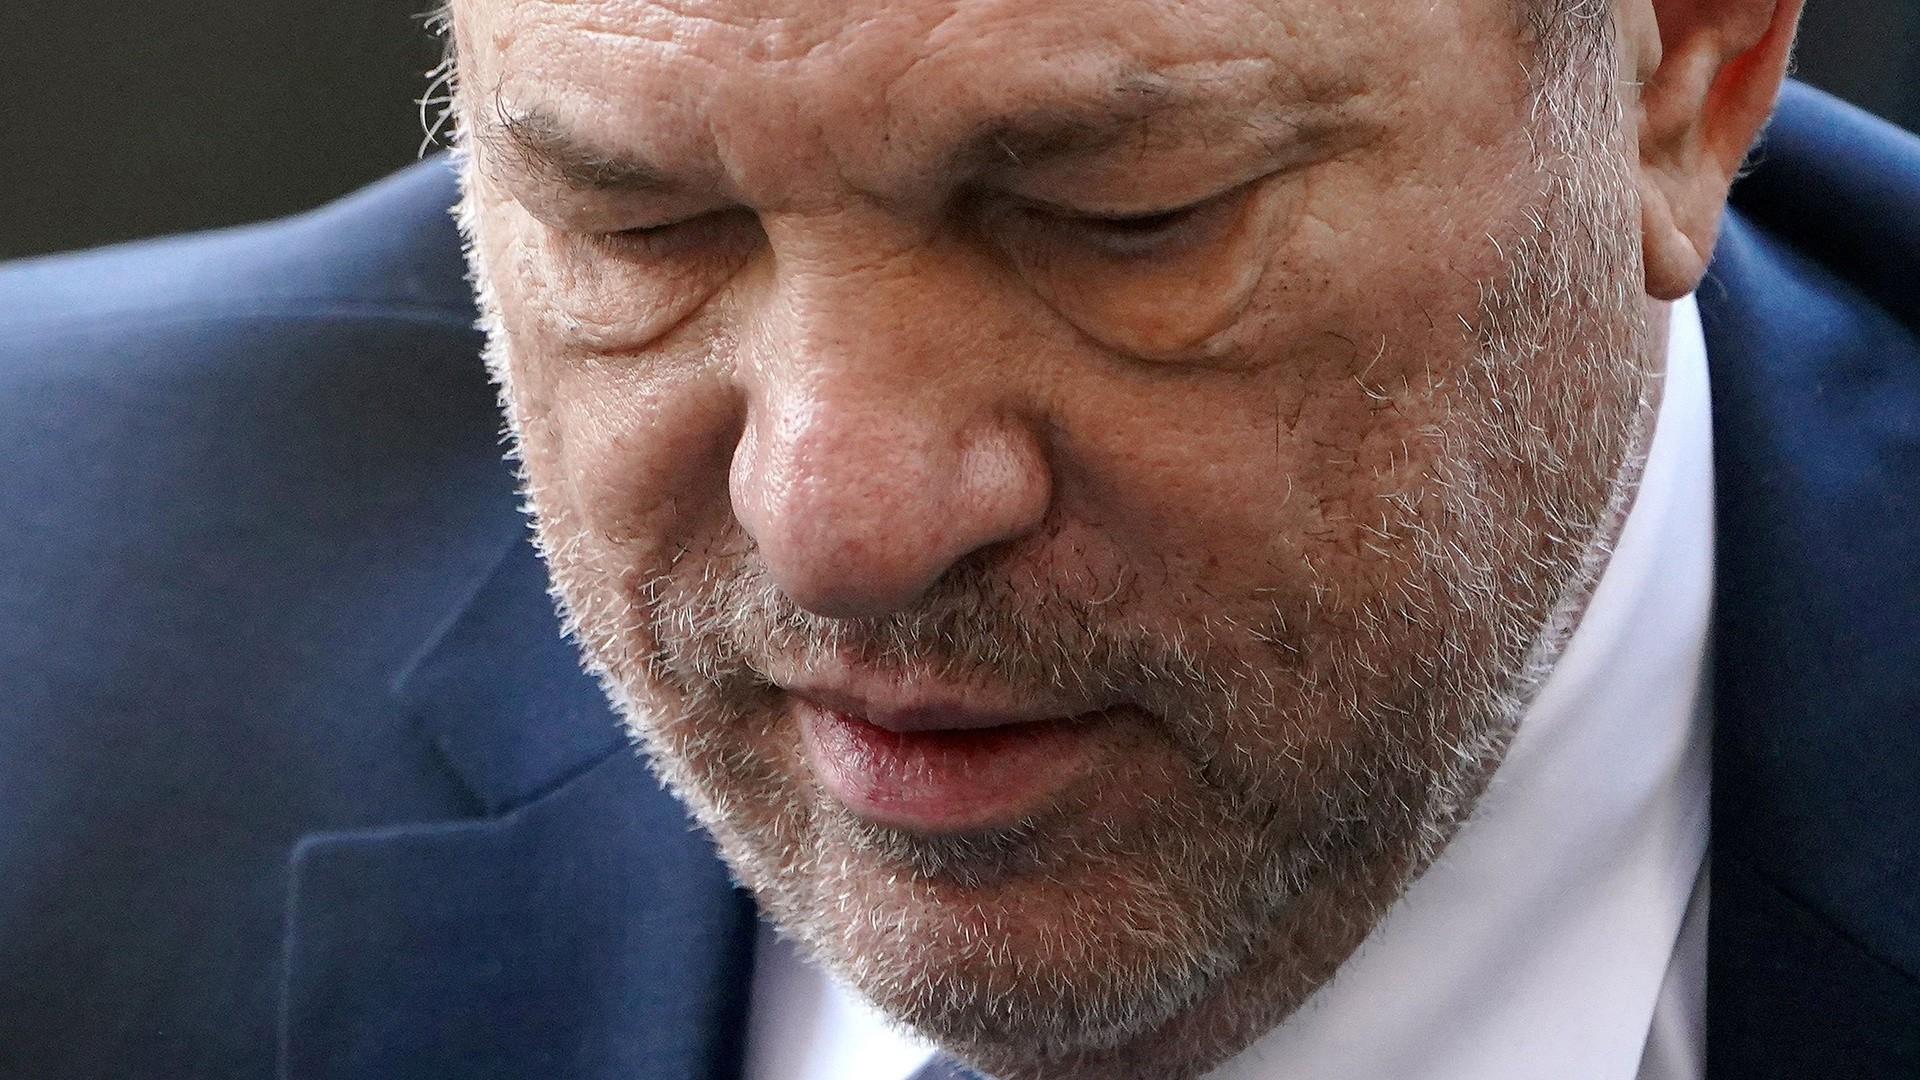 Harvey Weinstein sentenced to 23 years in prison in landmark #MeToo case